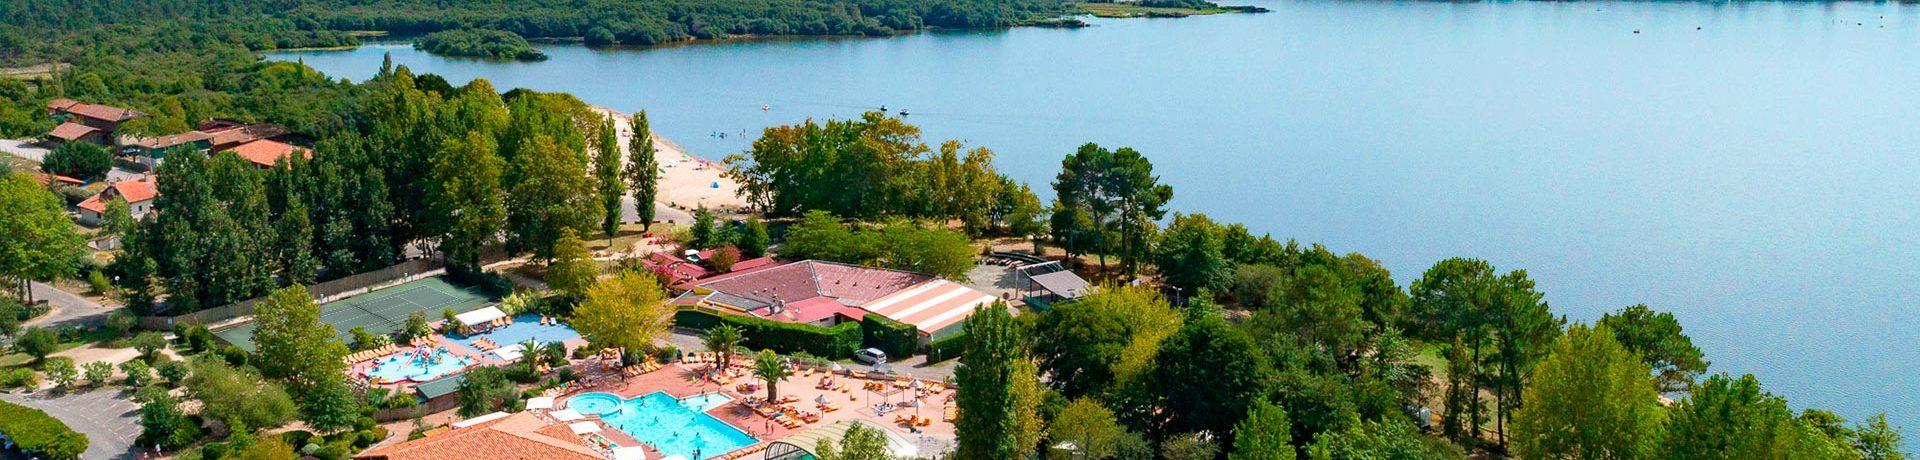 Camping Le Col Vert in Vielle-Saint-Girons is een grote camping met zwembad in Landes gelegen aan het meer Lac de Léon vlakbij prachtige zandstranden.